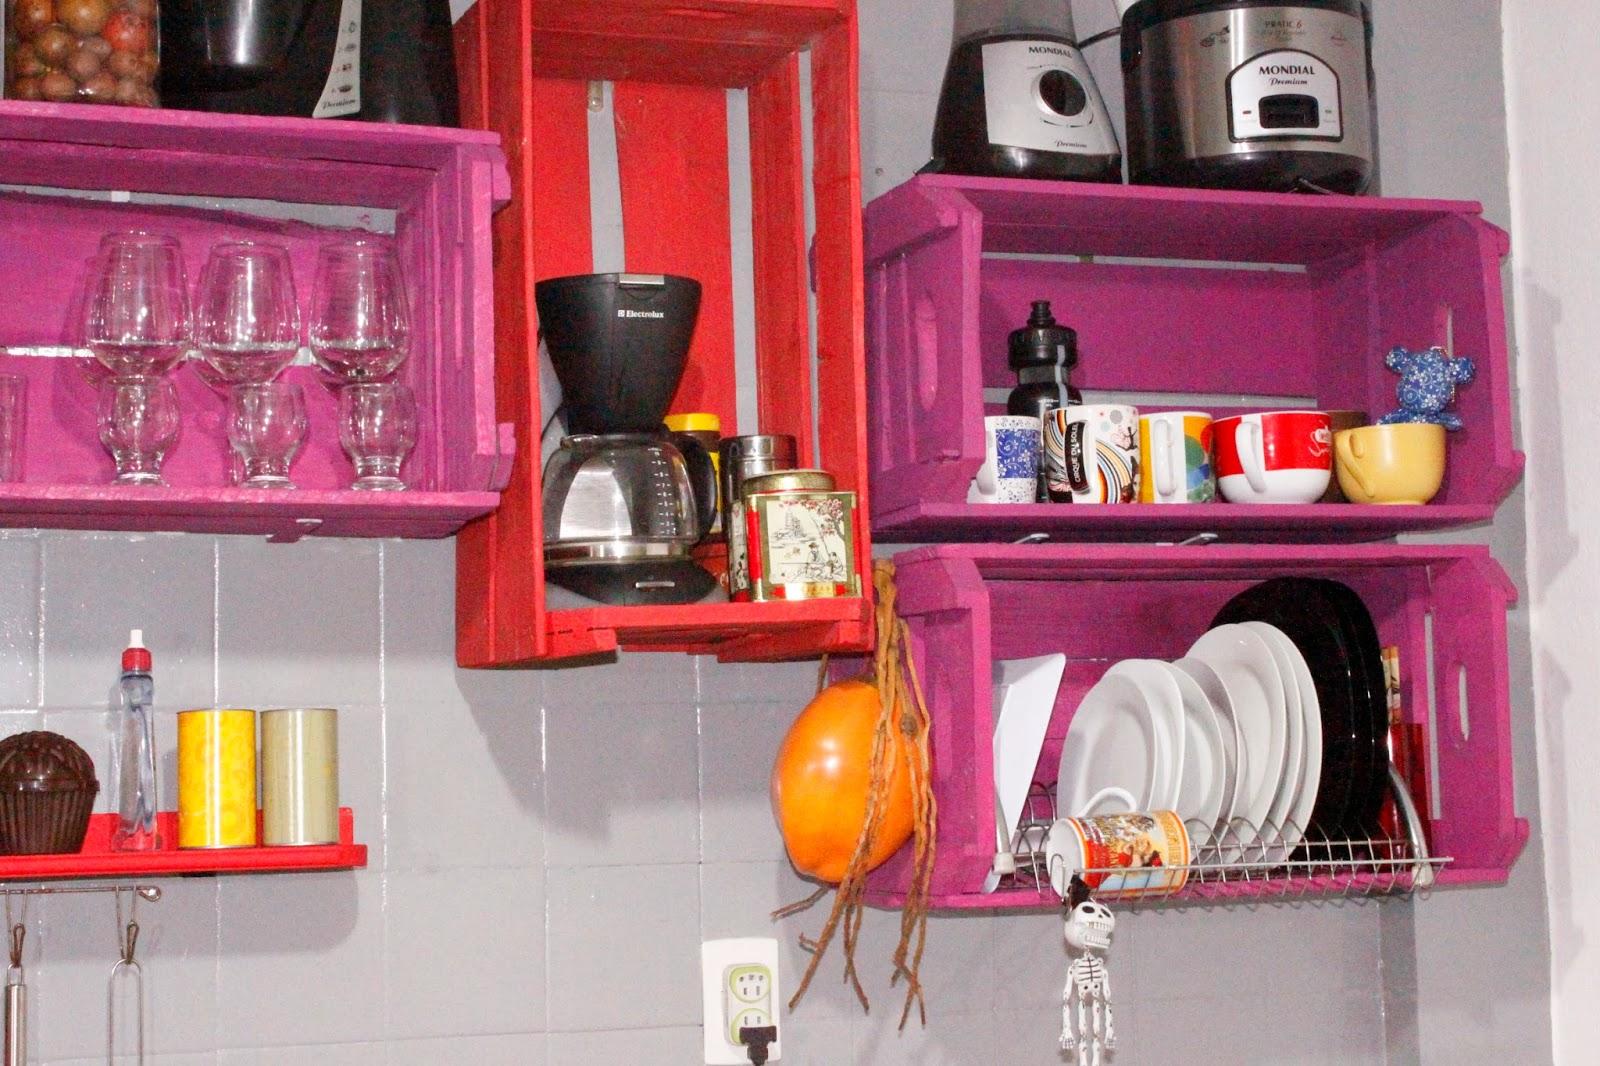 dicas simples de decoracao de interiores:Escorredor de pratos na parede: Liberando a bancada!! + Pesquisa de